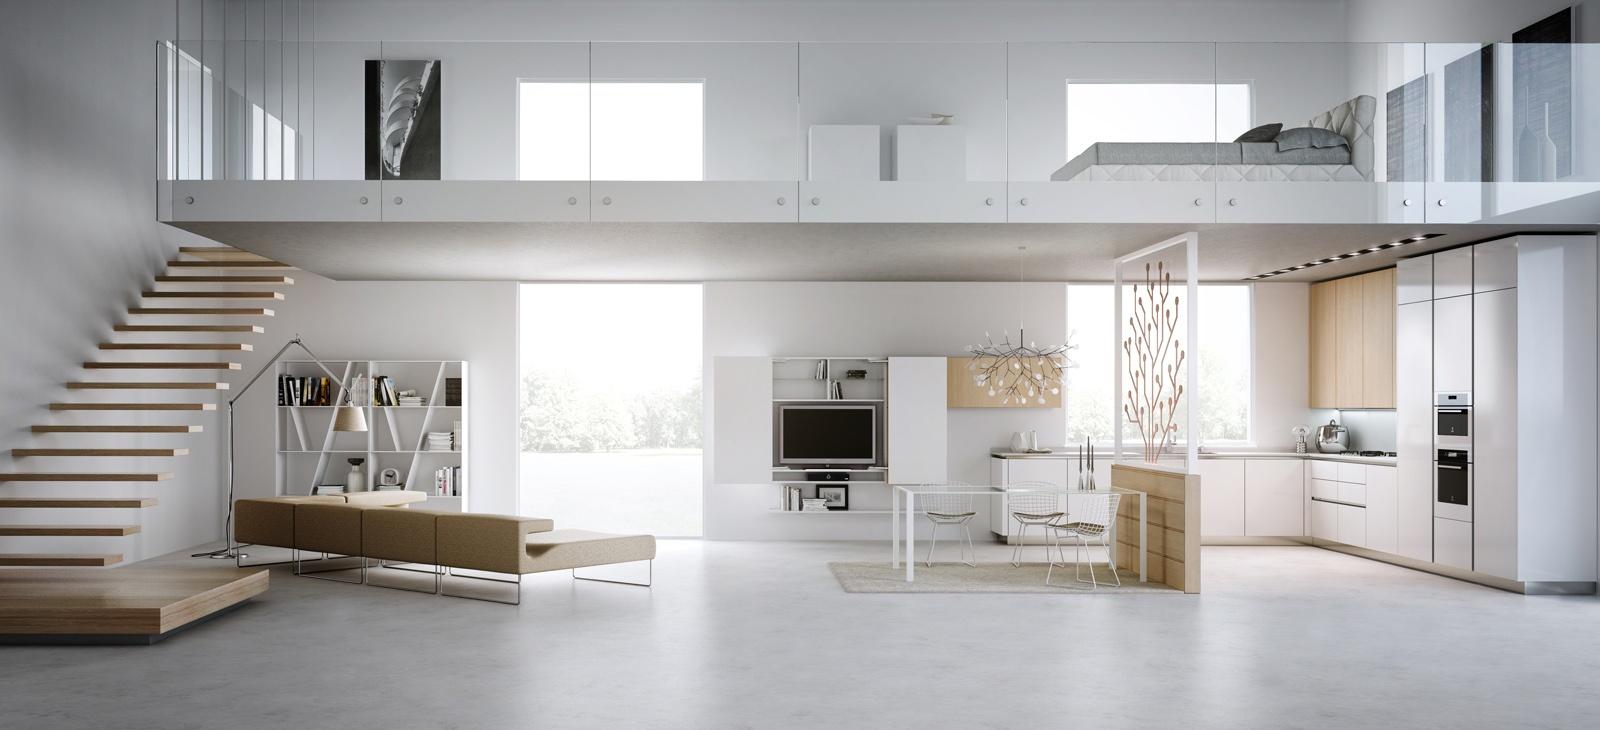 1-Modern-loft-layout5430d1c2c7e45.jpg